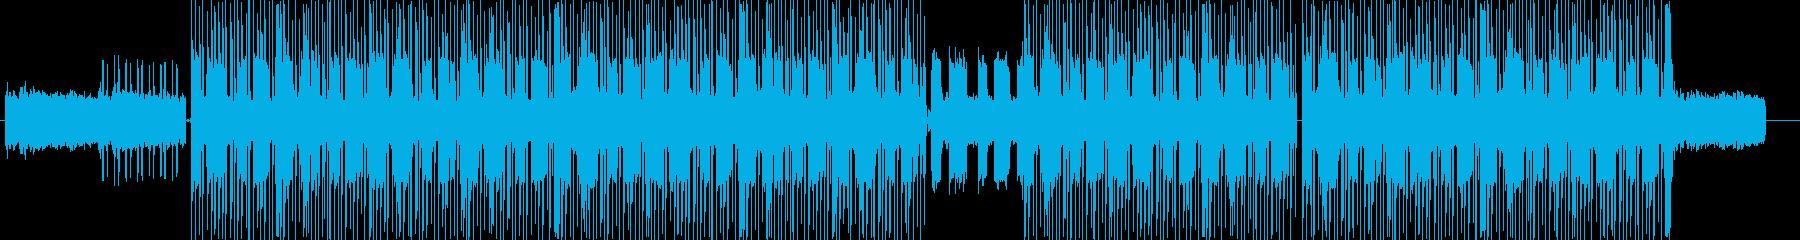 洋楽、チルアウトダークなヒップホップの再生済みの波形